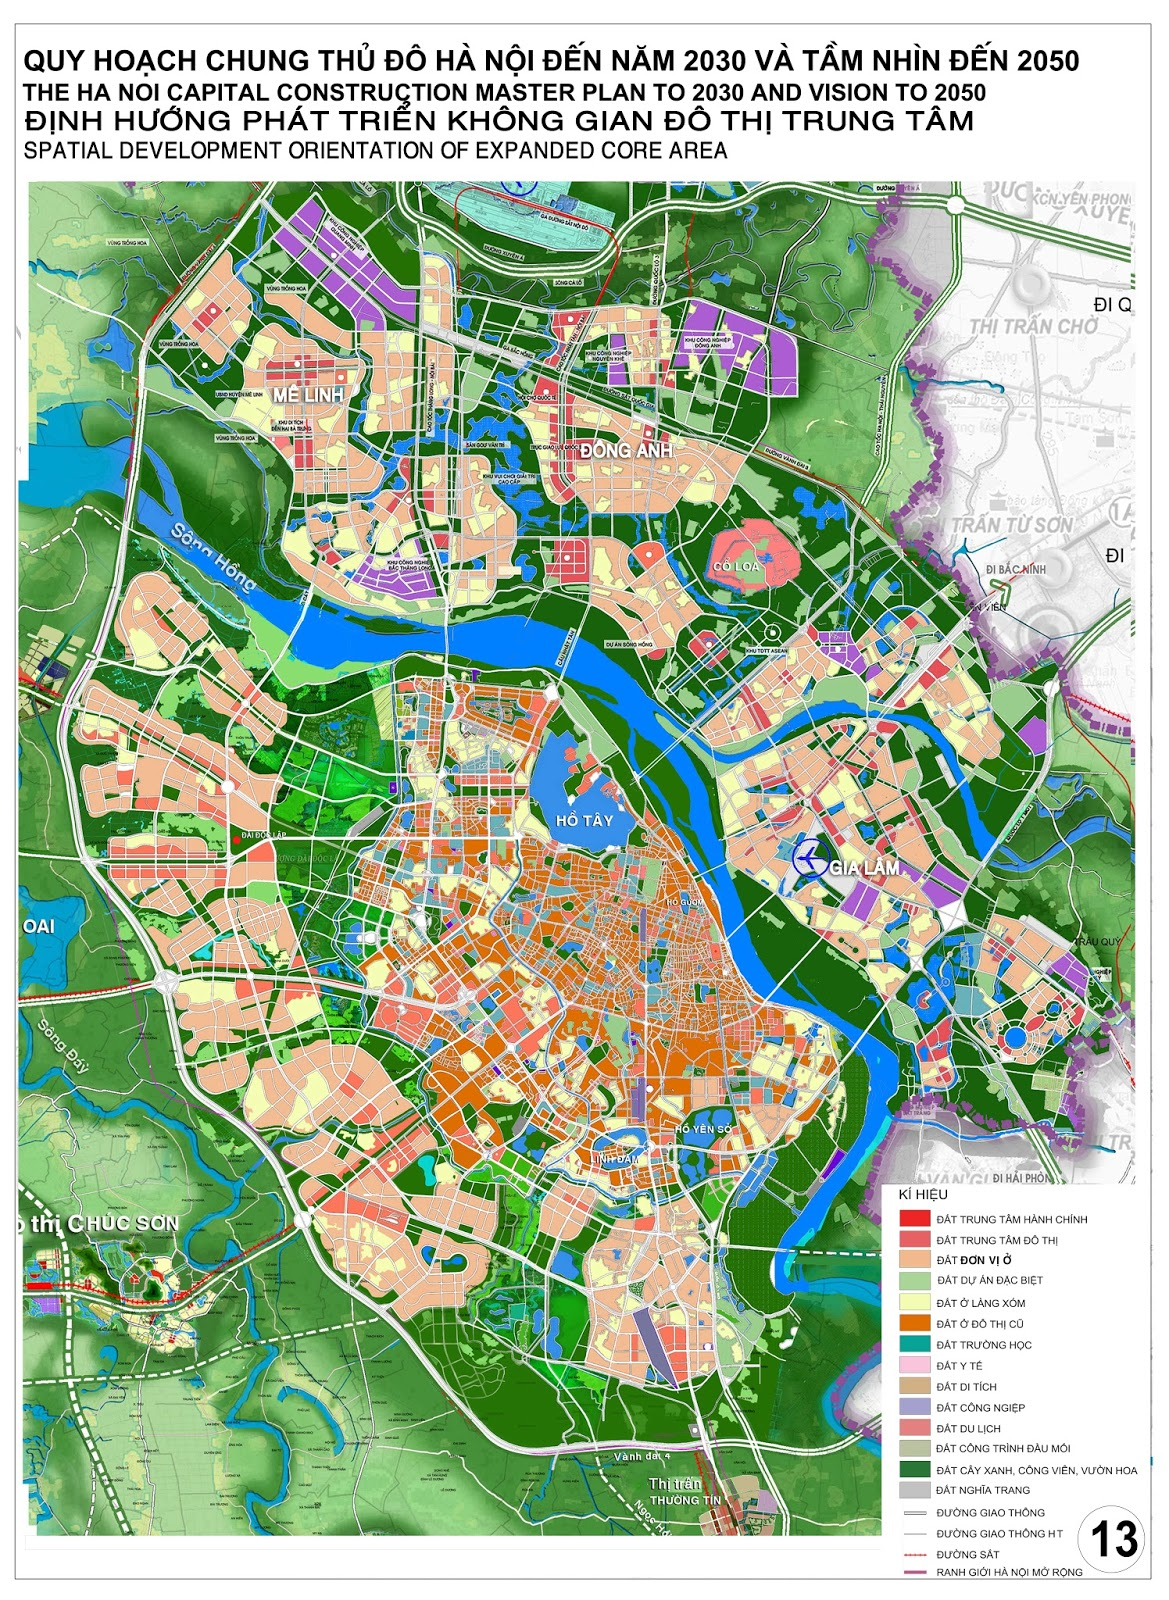 Bản đồ quy hoạch Hà Nội đến năm 2030 tầm nhìn 2050